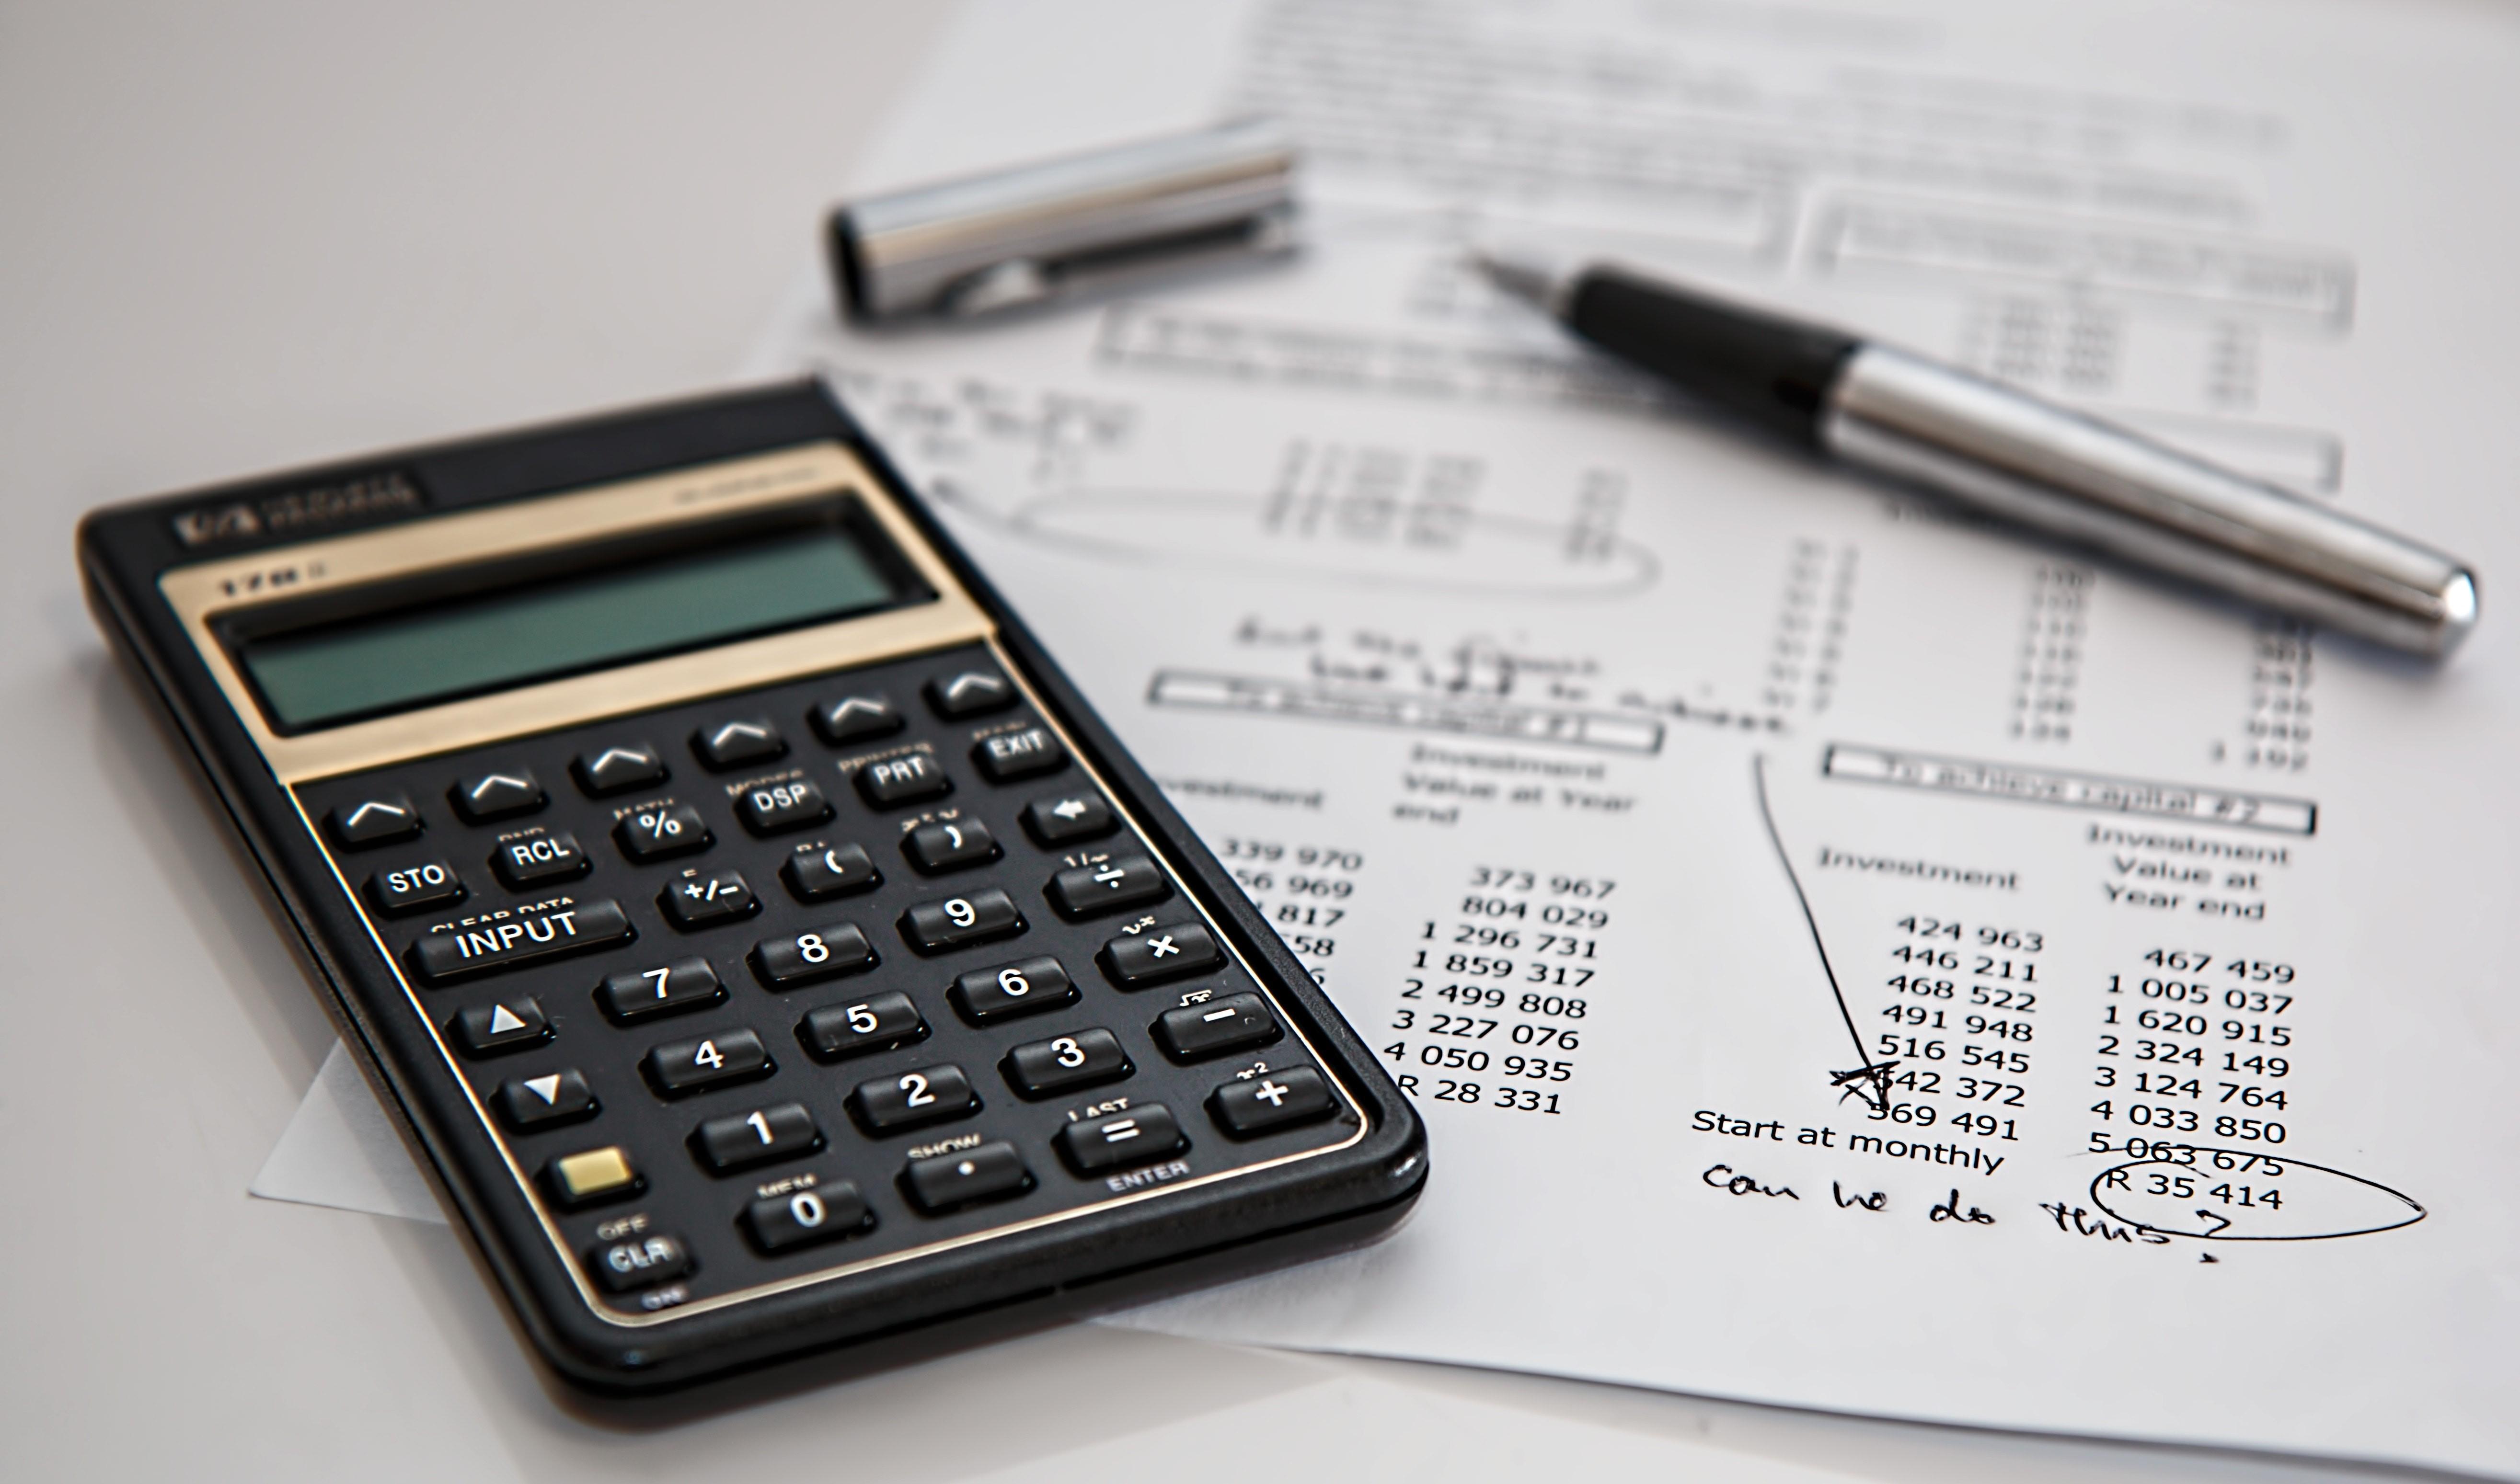 Truque que inverte porcentagens pode ajudar em seu cálculo (Foto: Pixabay)